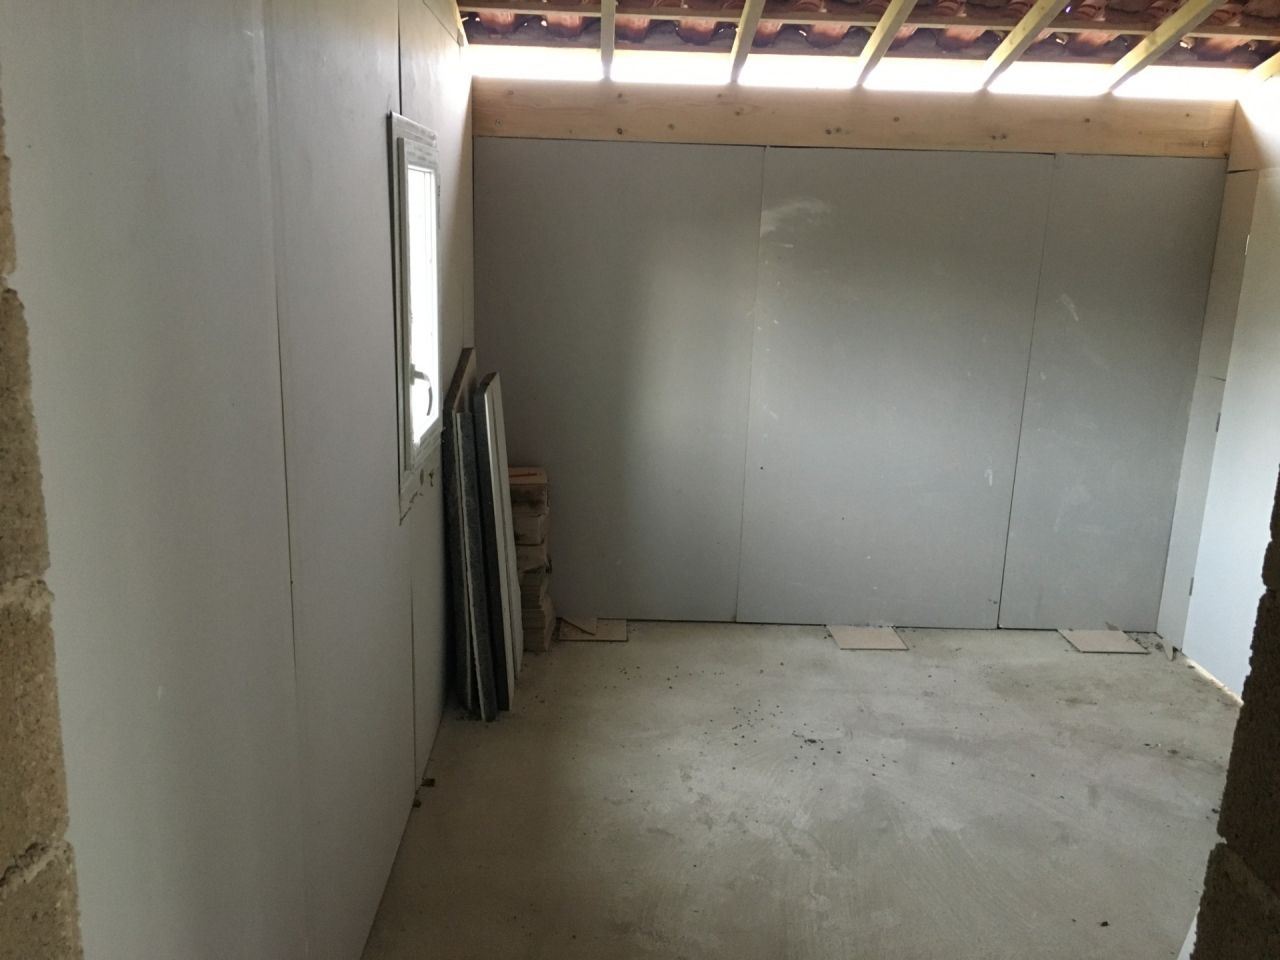 début des travaux à notre charge, l'isolation du cellier en cours